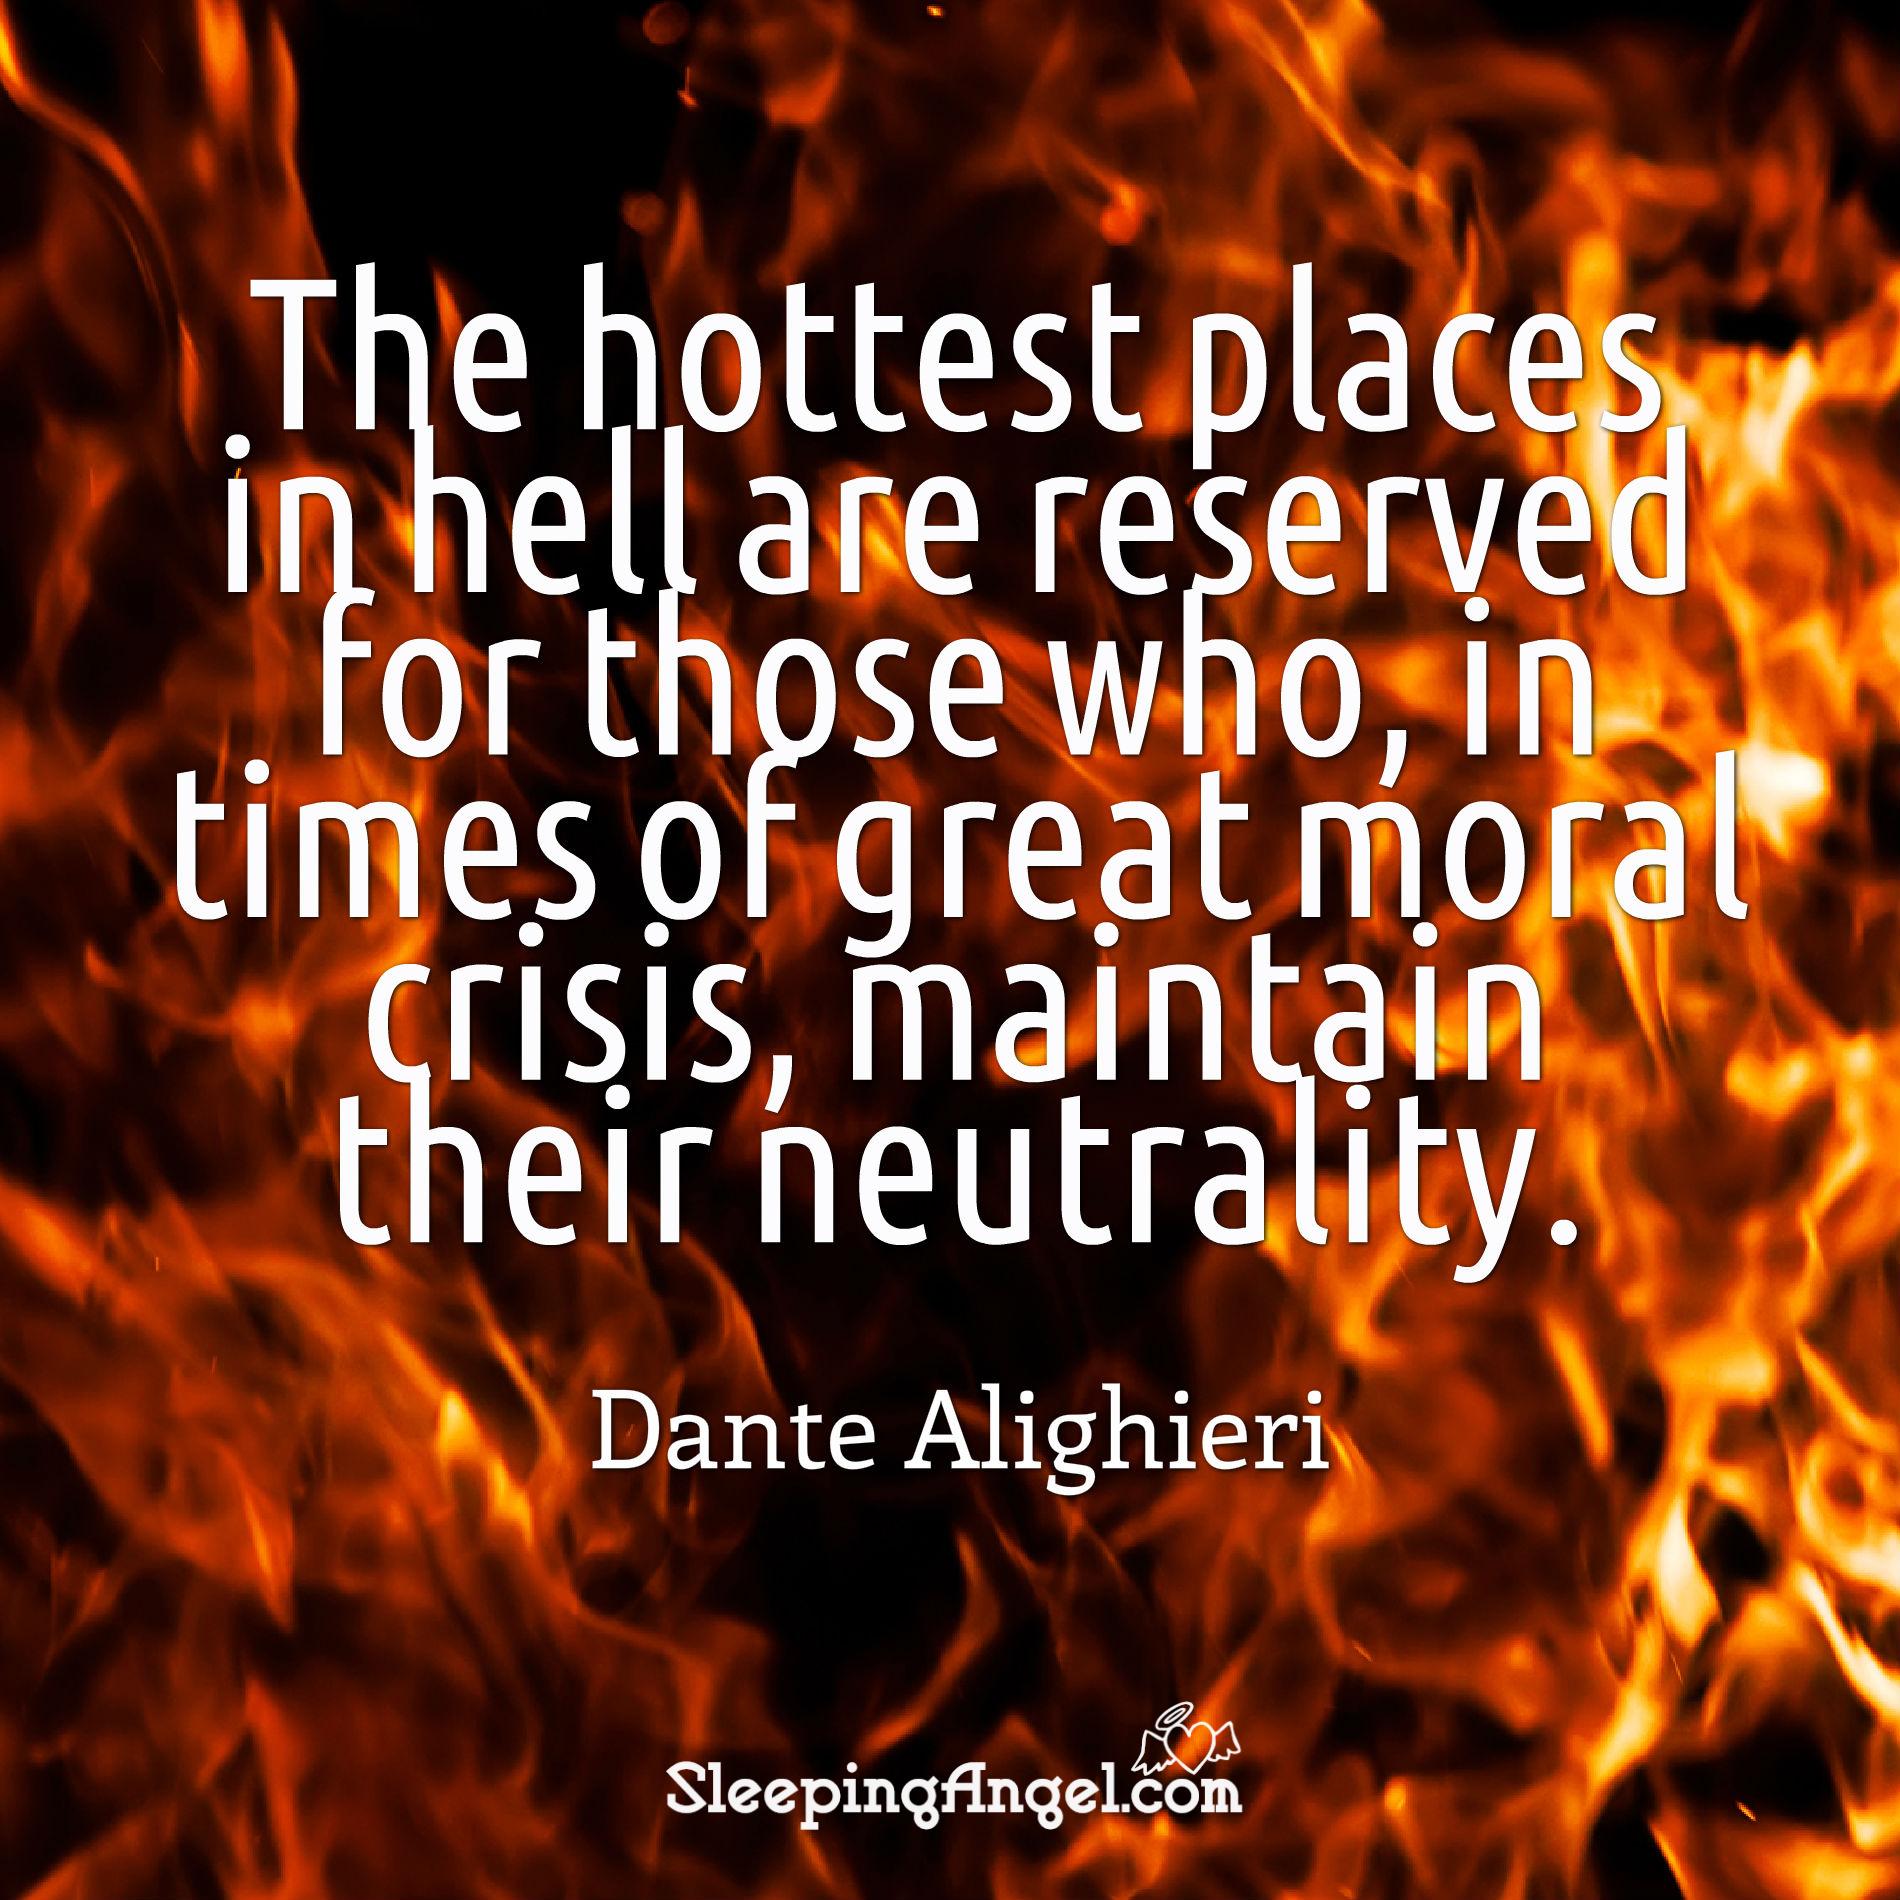 Dante Alighieri Quote